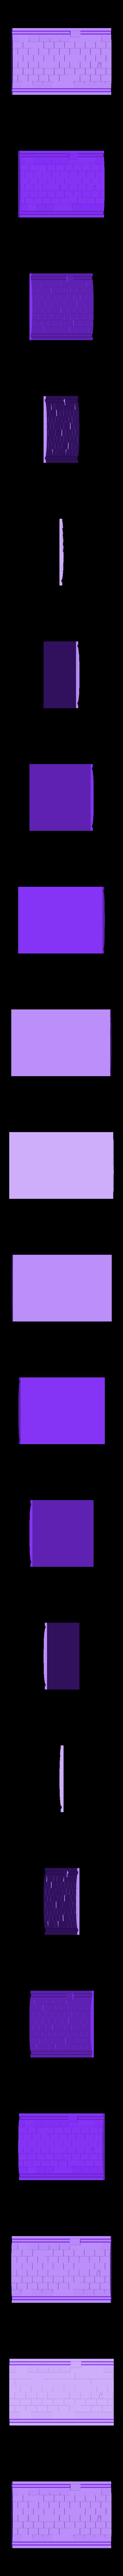 a_o_str_2.stl Télécharger fichier STL gratuit ROUTE - Ancien et neuf - Partie A • Design pour impression 3D, Earsling